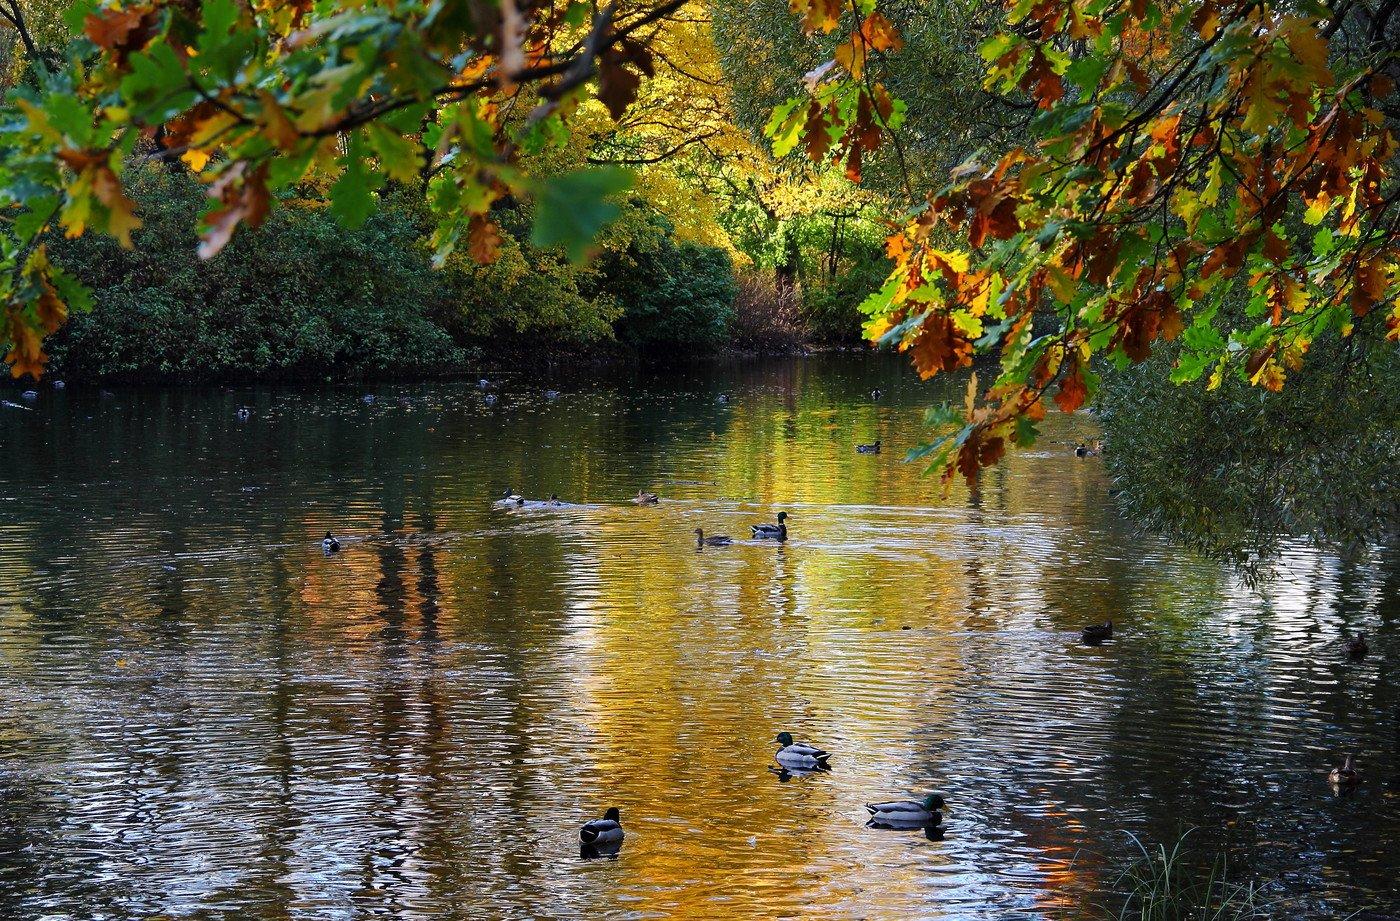 осень на пруду картинки колготок утеплить зимний